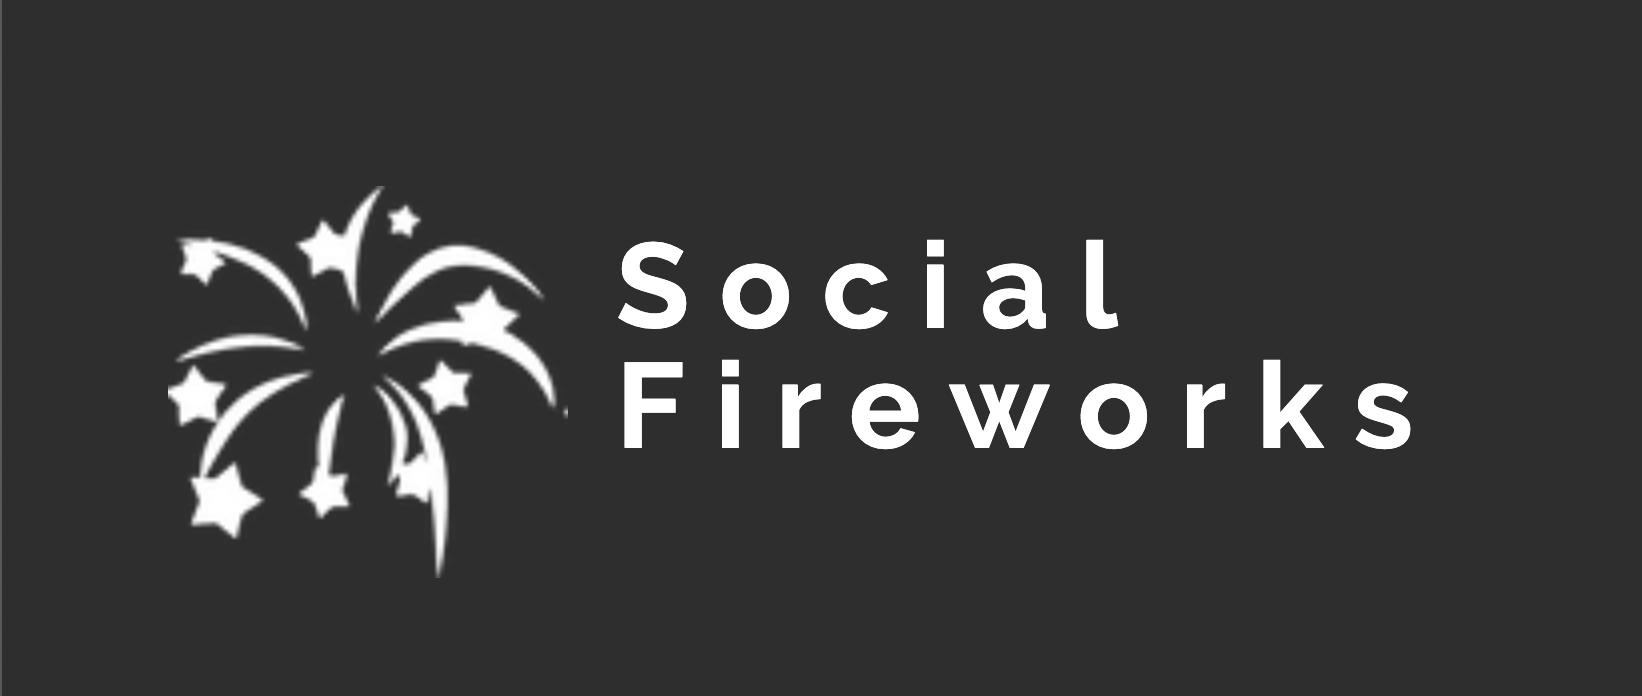 Social Fireworks logo